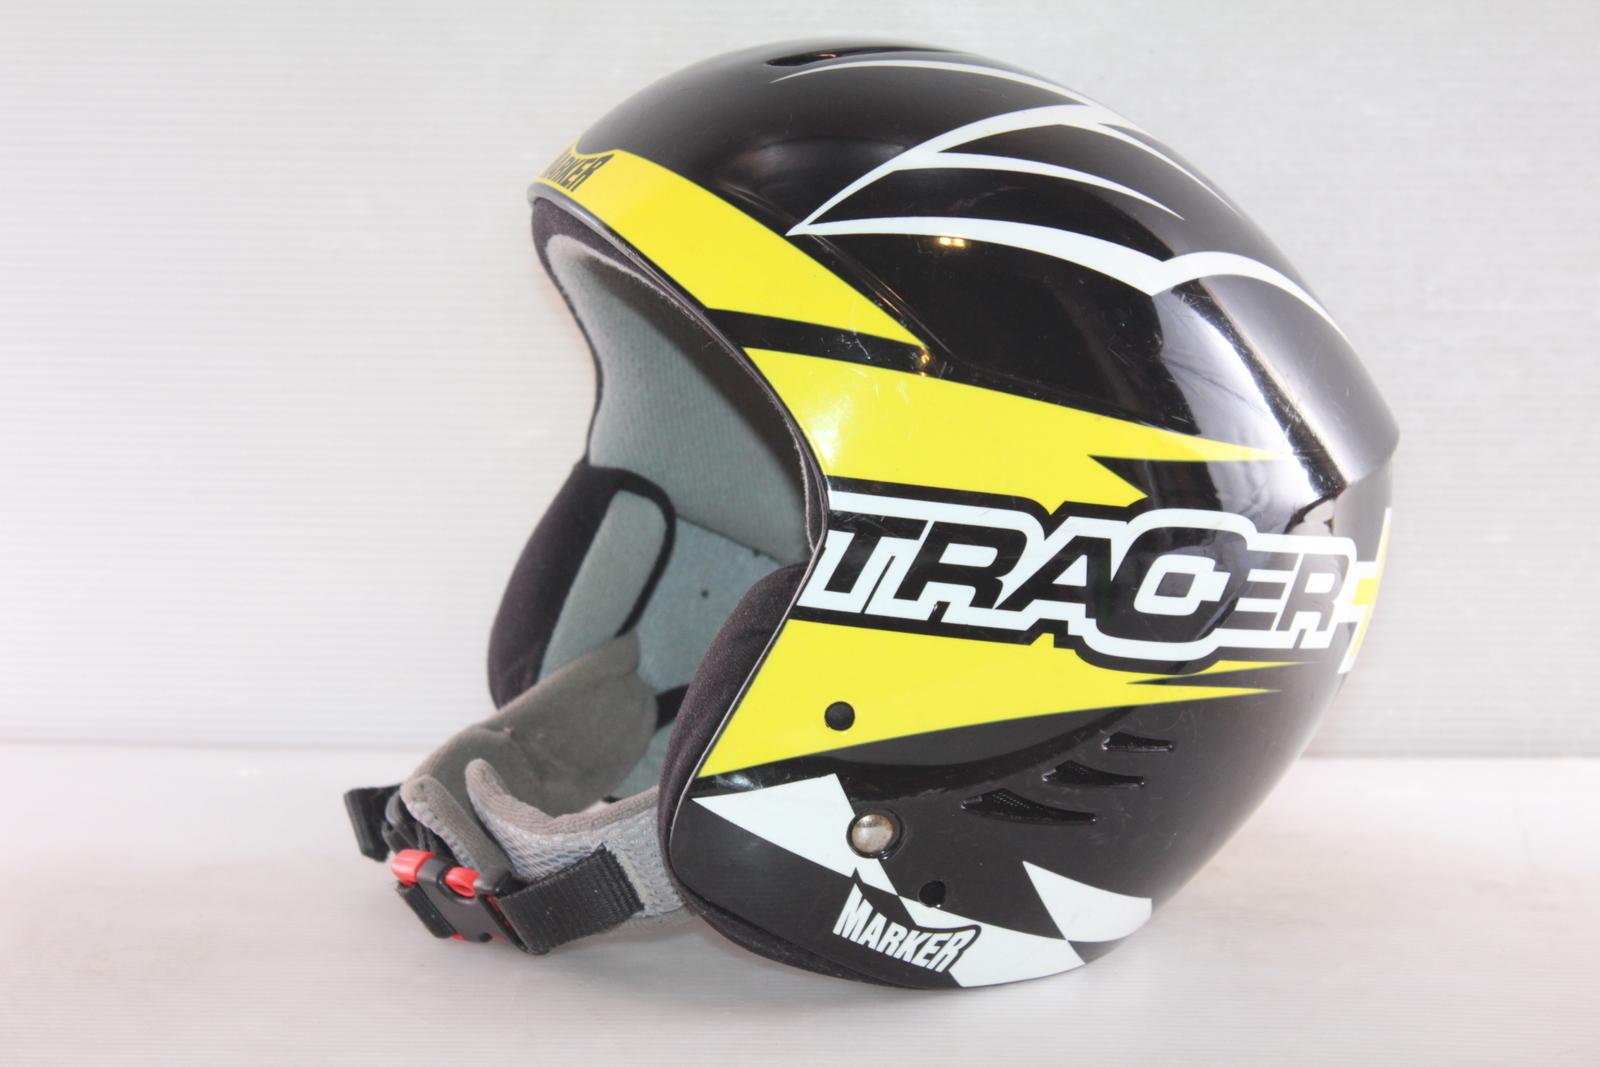 Dětská lyžařská helma Marker Tracer plus - posuvná vel. 50 - 56